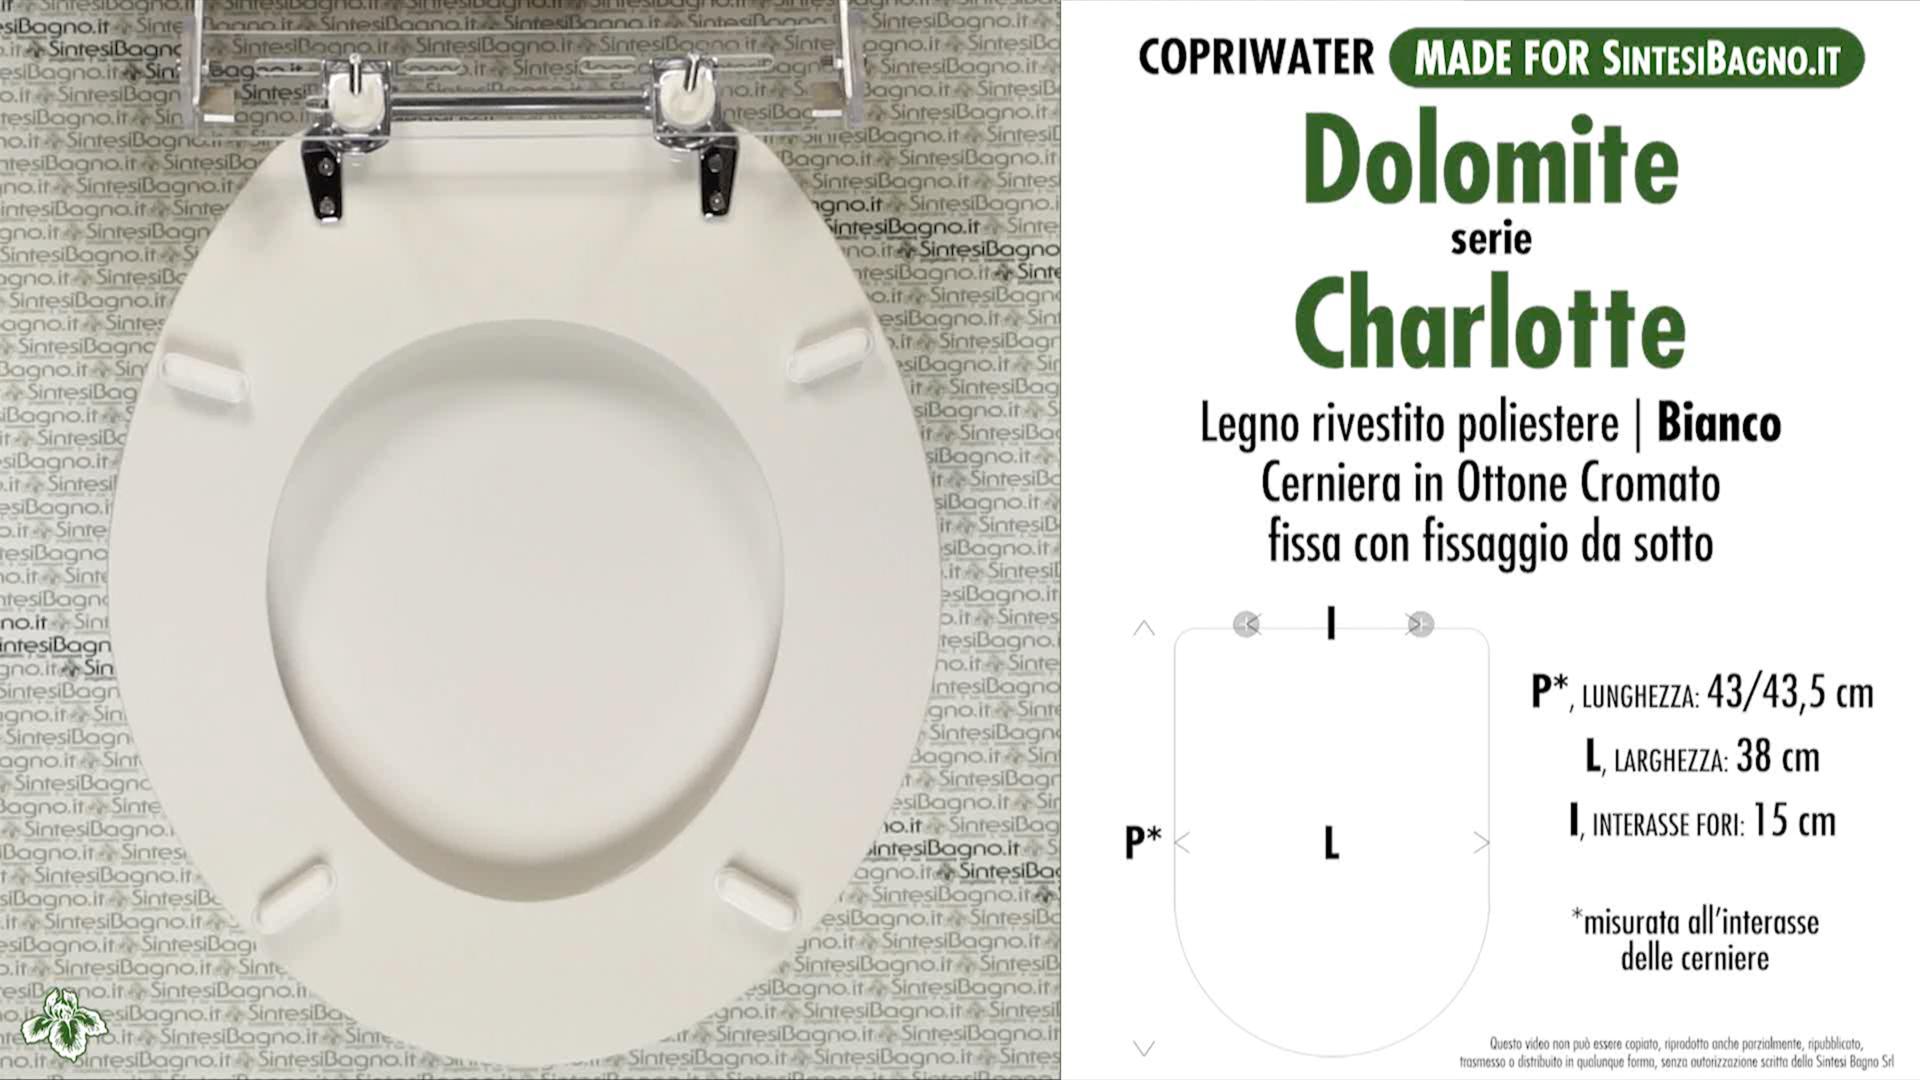 SCHEDA TECNICA MISURE copriwater DOLOMITE CHARLOTTE